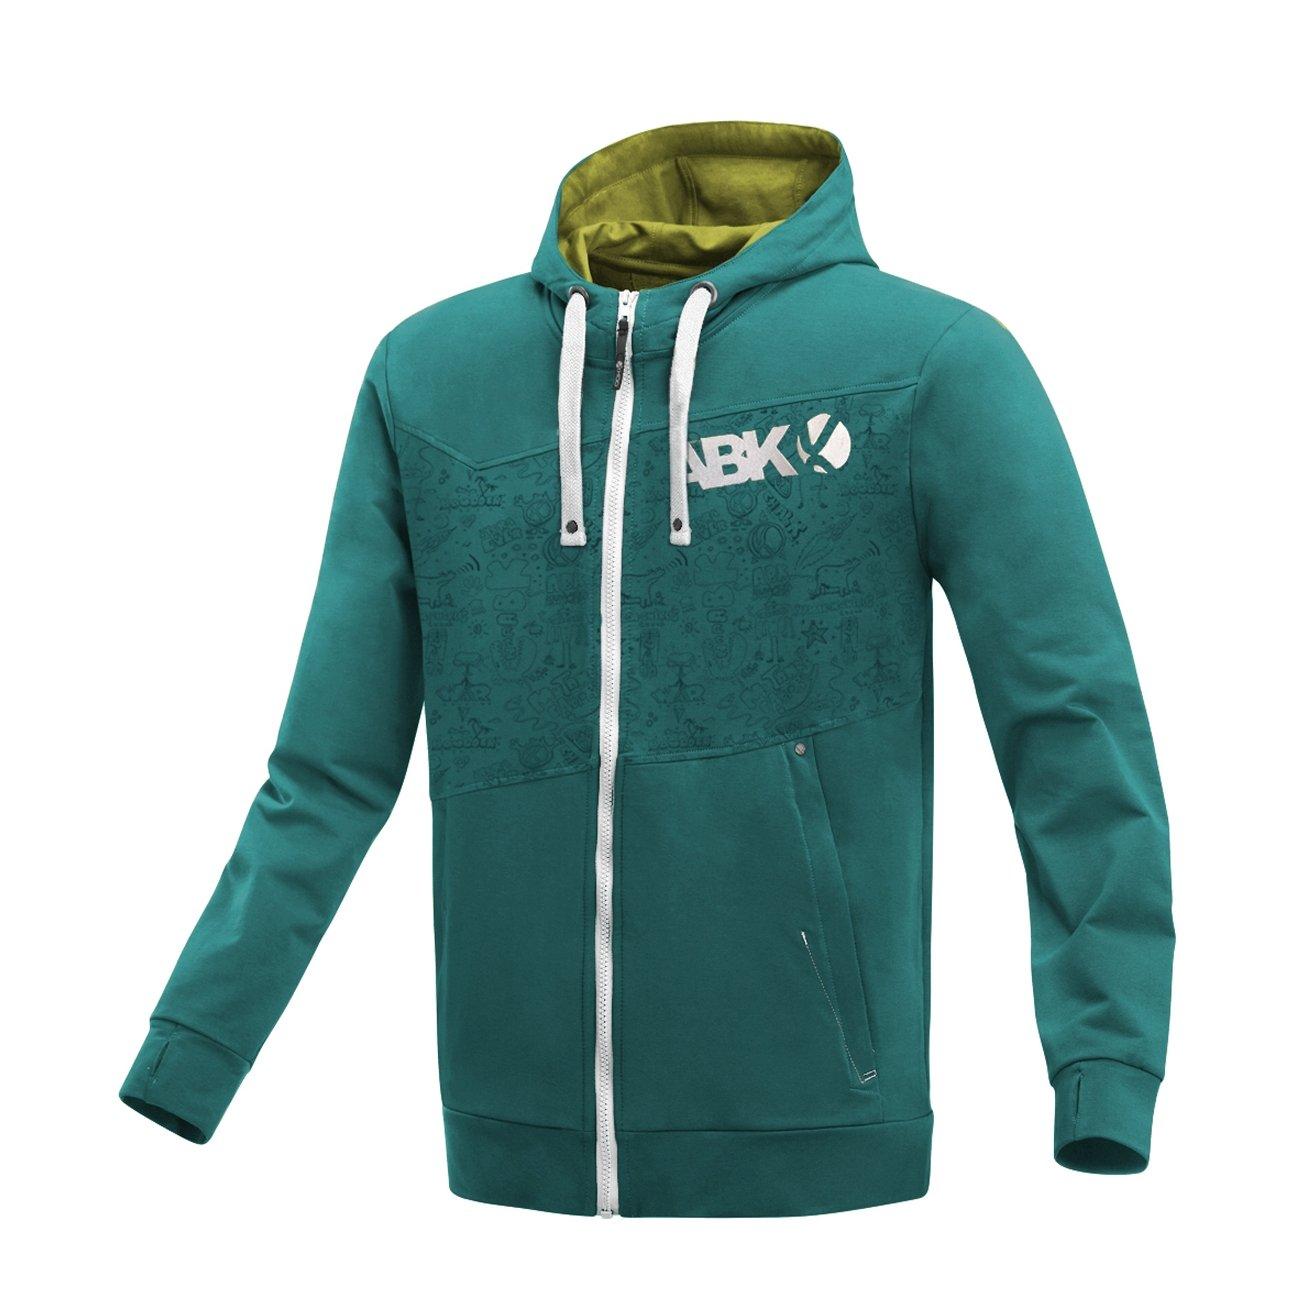 ABK Buttermilk GRAF Sweatshirt mit Reißverschluss und Kapuze, Herren